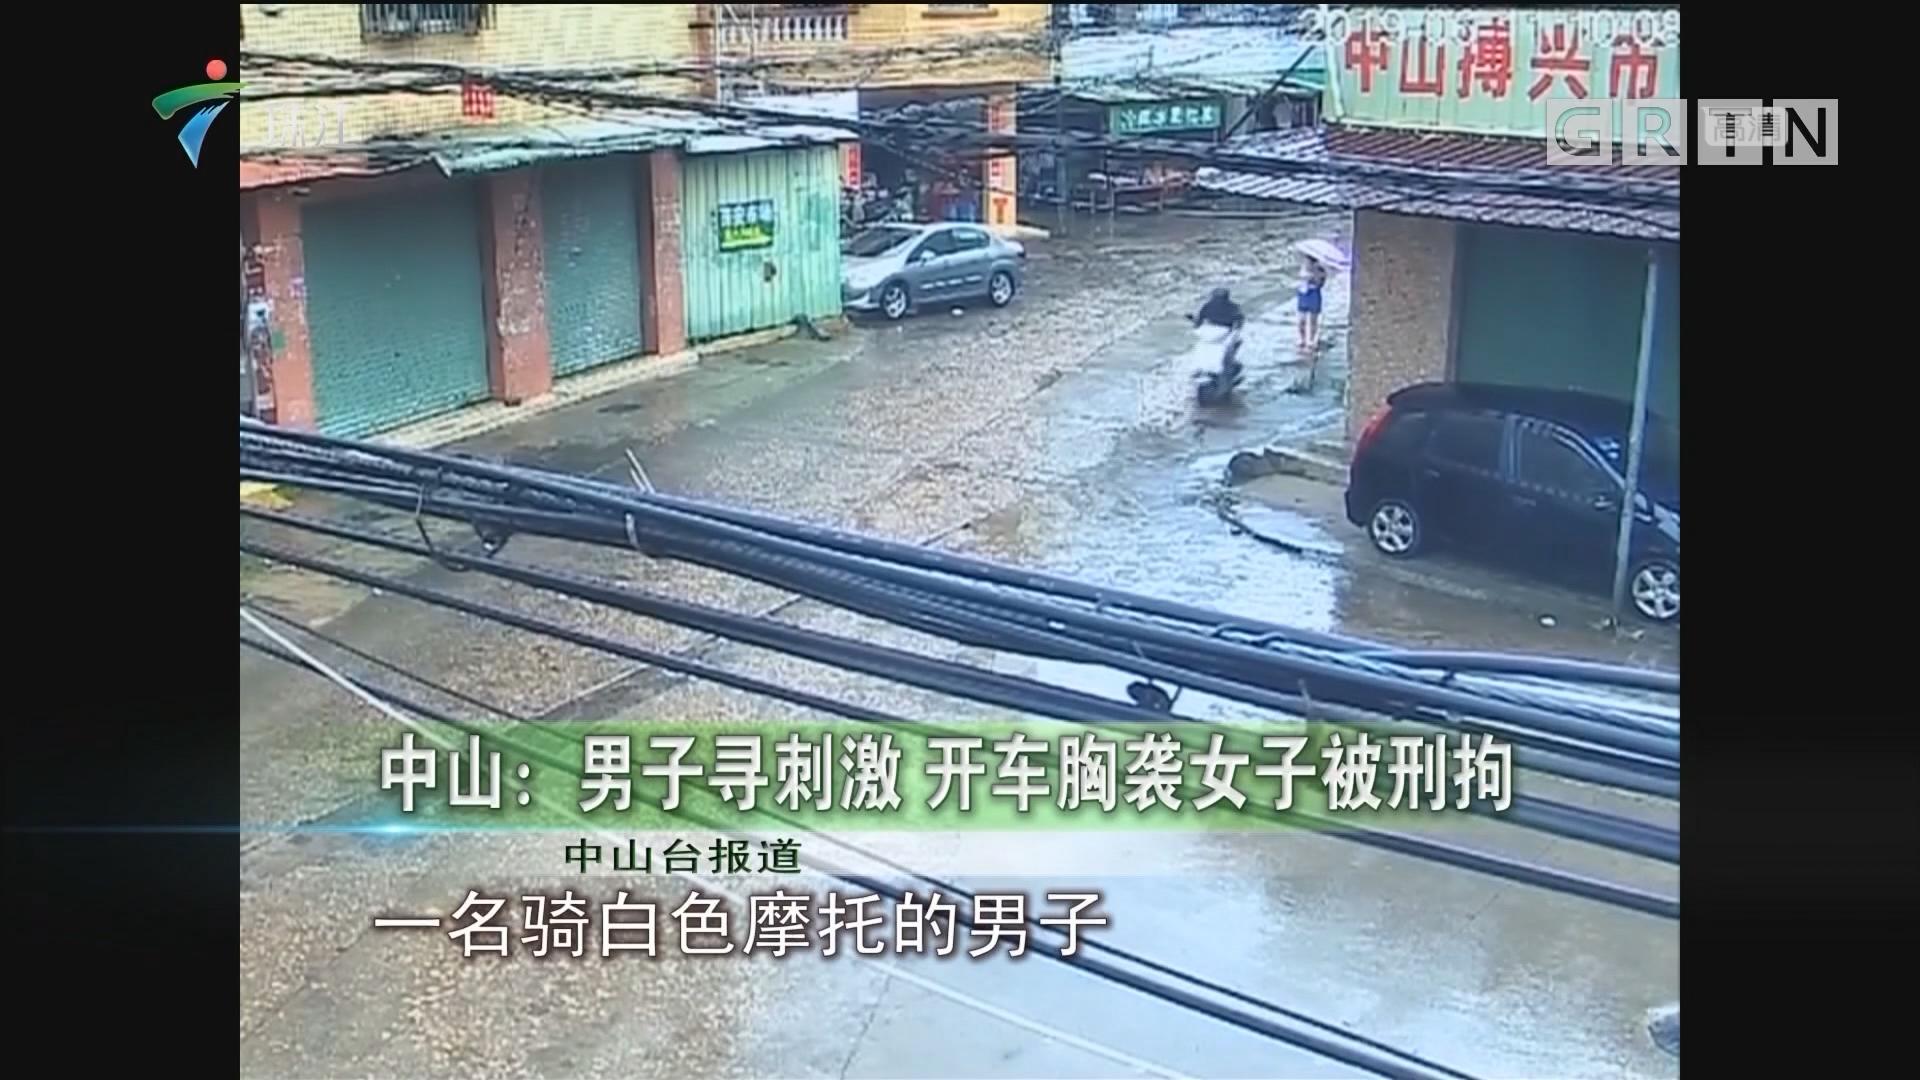 中山:男子寻刺激 开车胸袭女子被刑拘